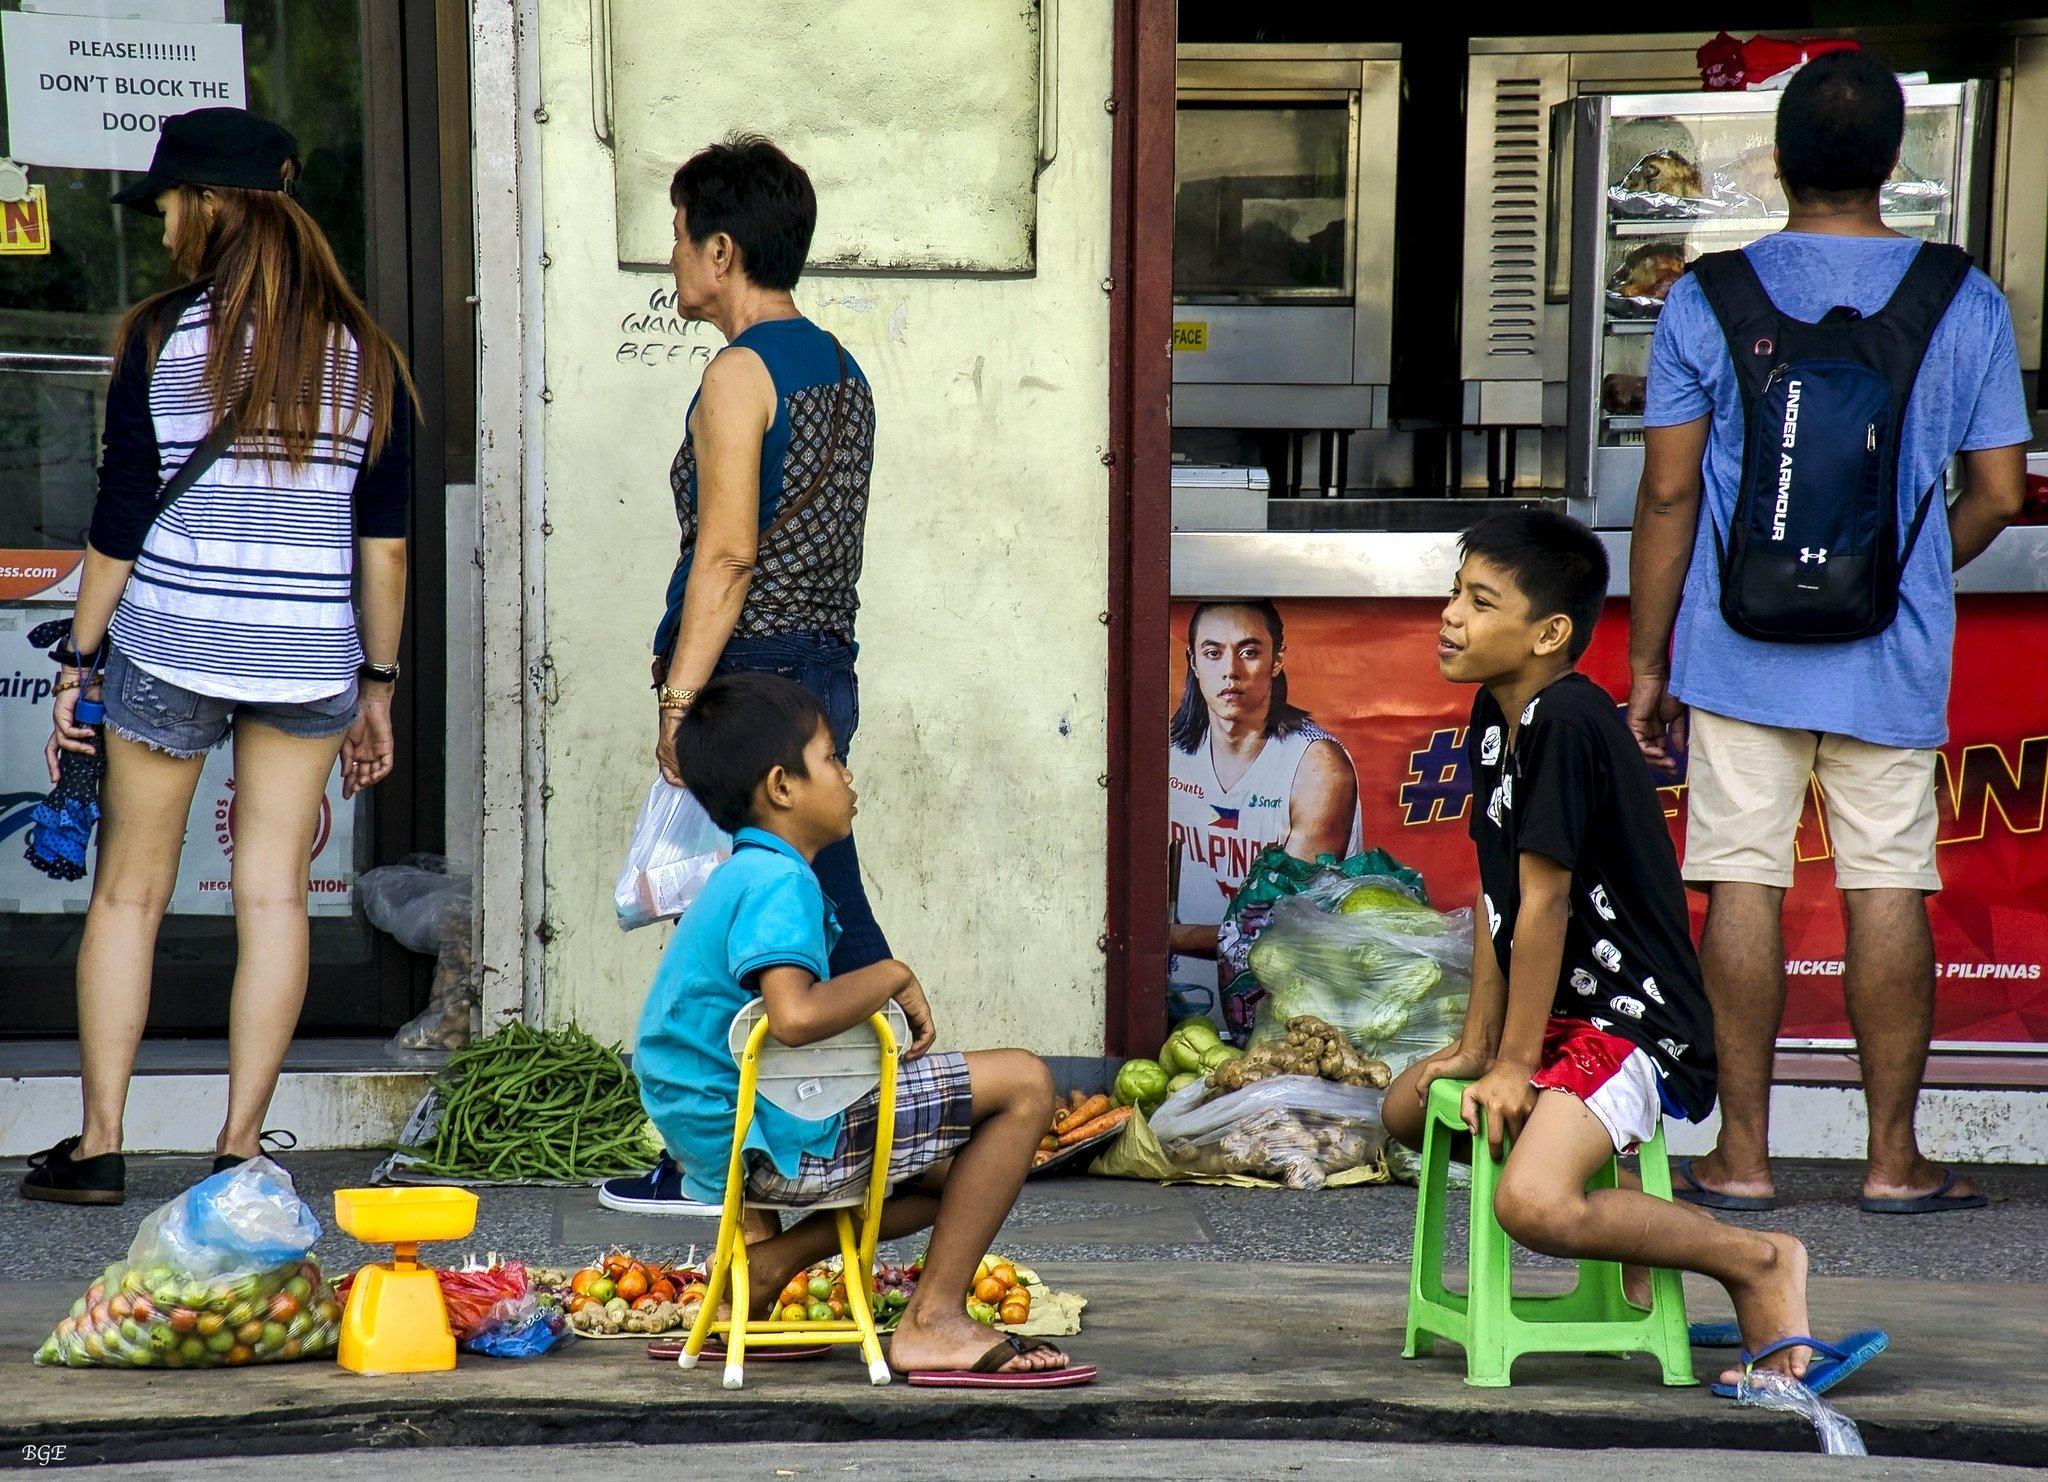 Niños conversando mientras muestran vegetales en una acera. | Imagen: Flickr